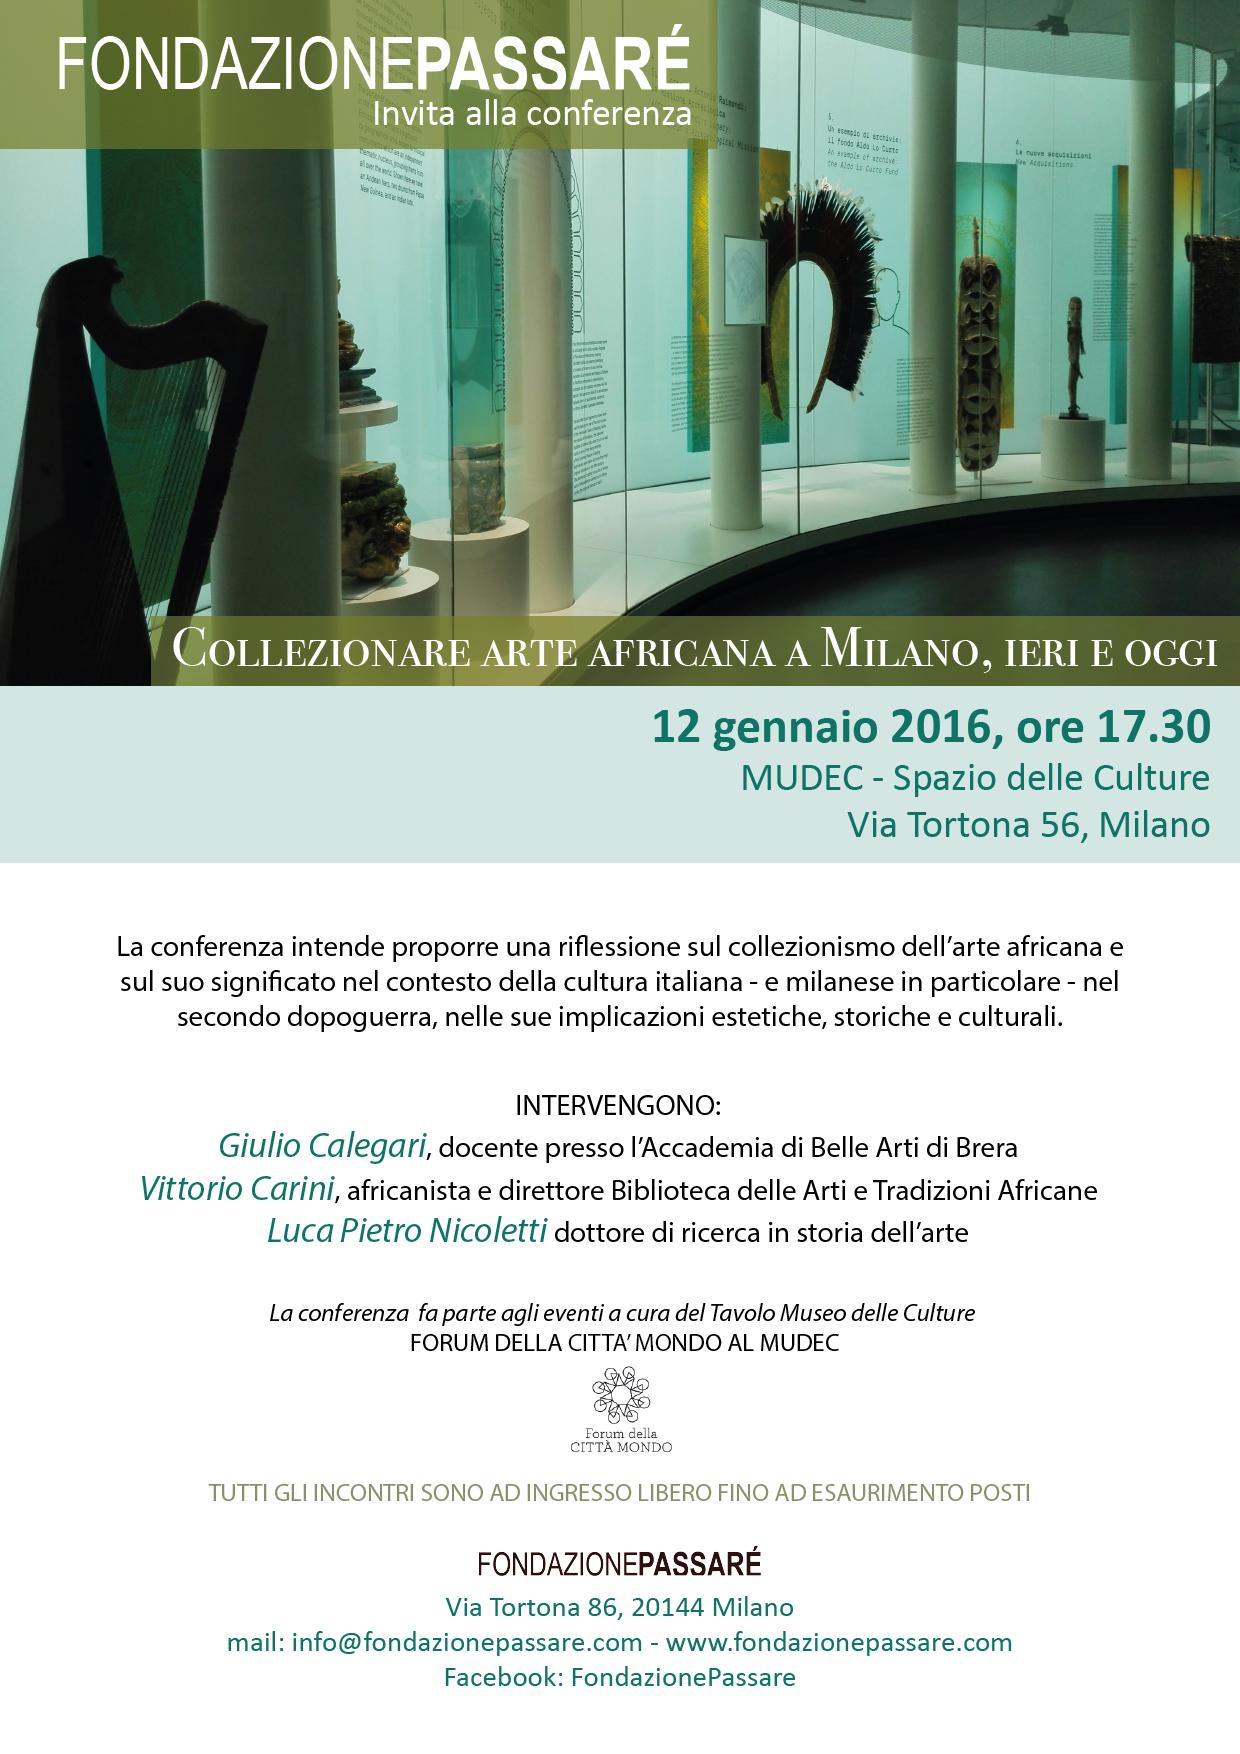 MUDEC, conferenza, Tavole delle culture MUDEC